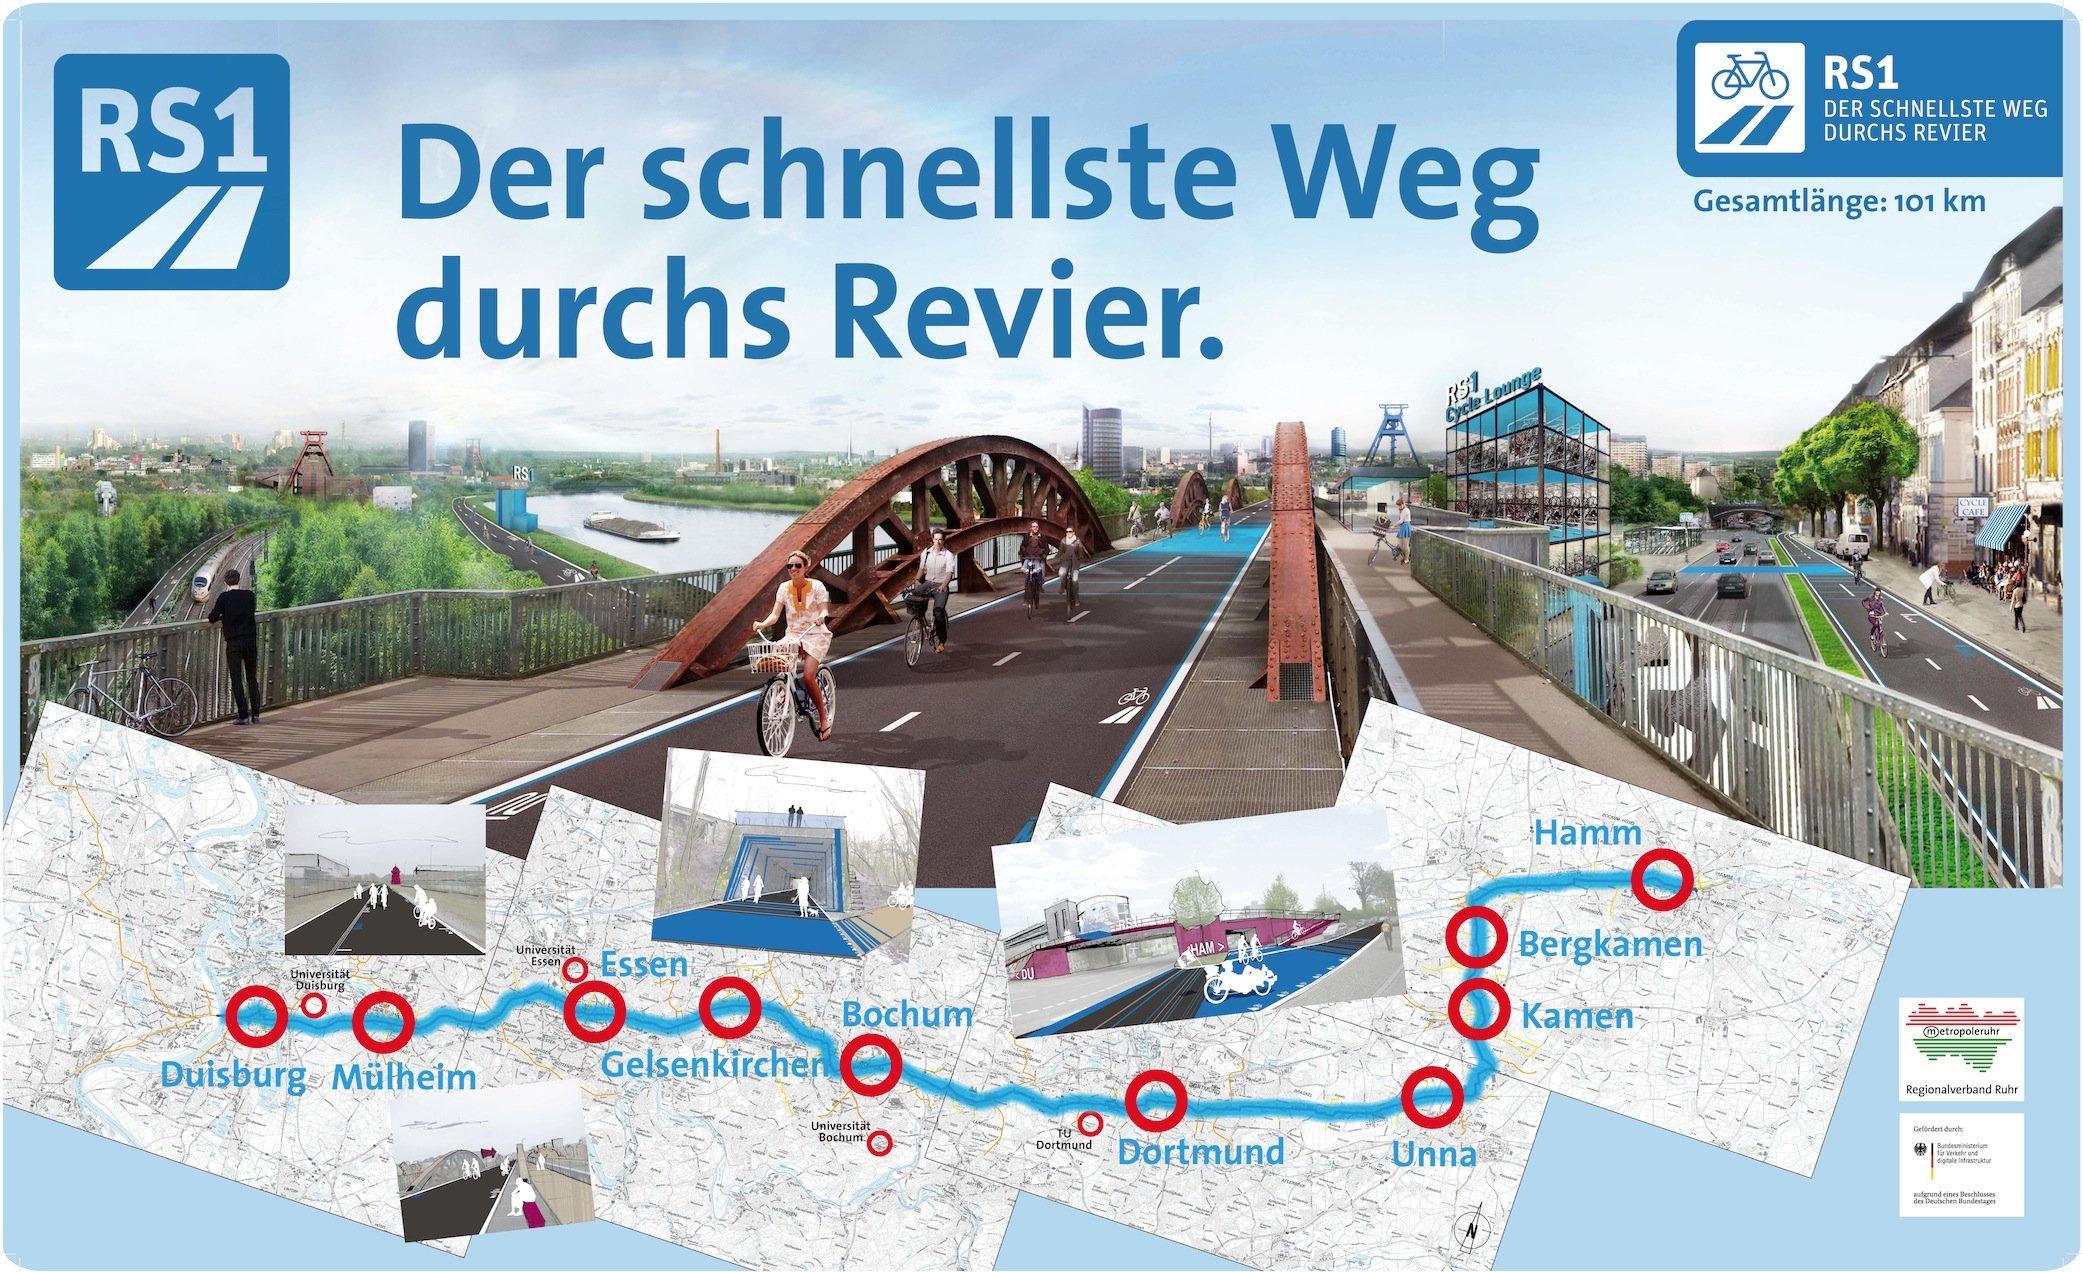 Der Radschnellweg Ruhr soll im Endausbau 101 km lang sein und einmal quer durch das Ruhrgebiet führen – kreuzungsfrei auf eigener Trasse. Wie eine Autobahn.